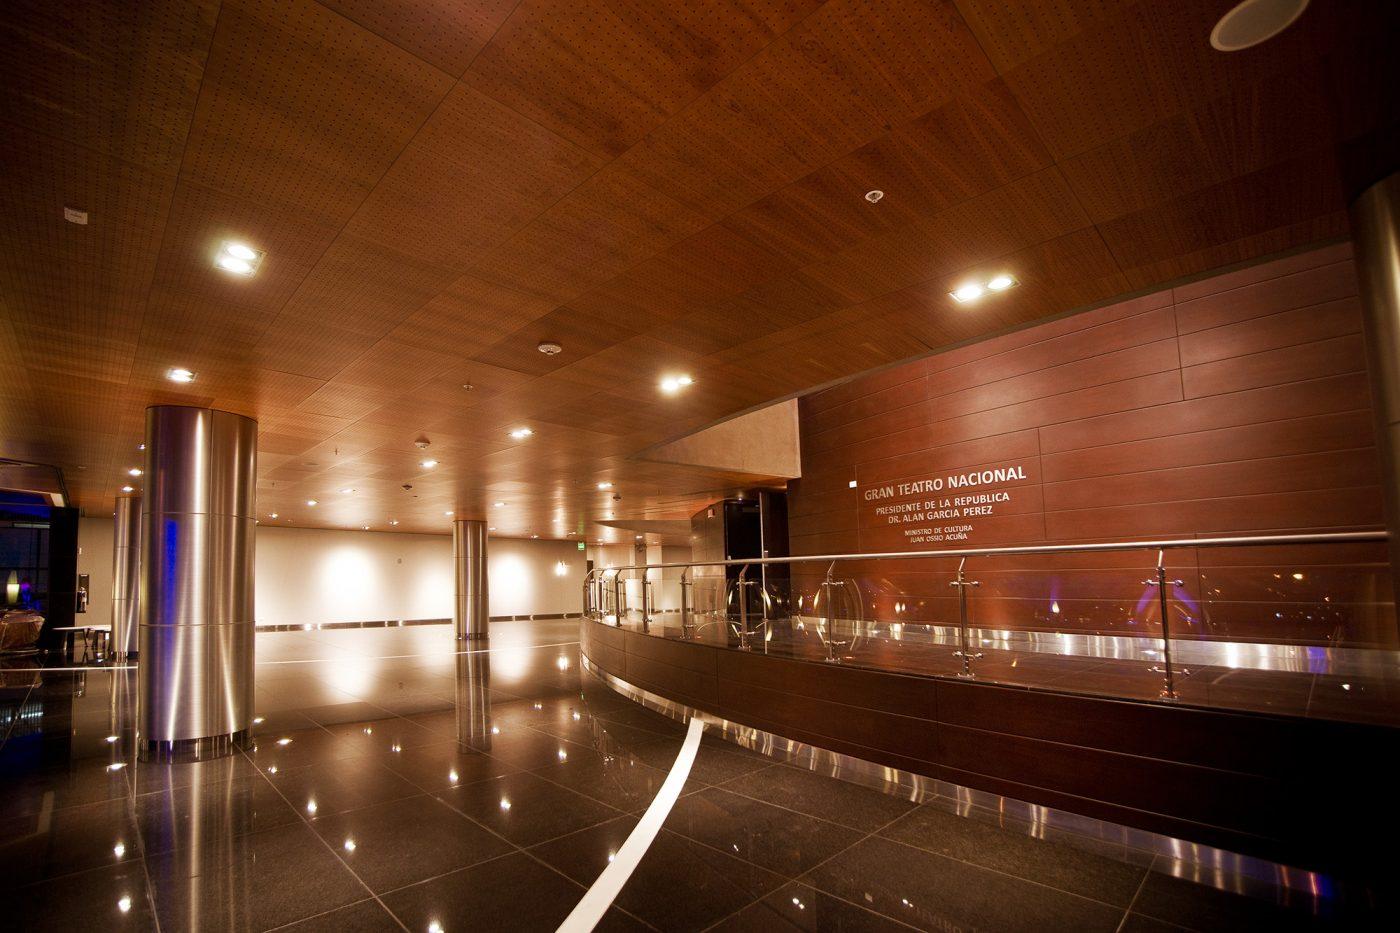 Ventajas del revestimiento en interior con paneles de madera fonoabsorbentes